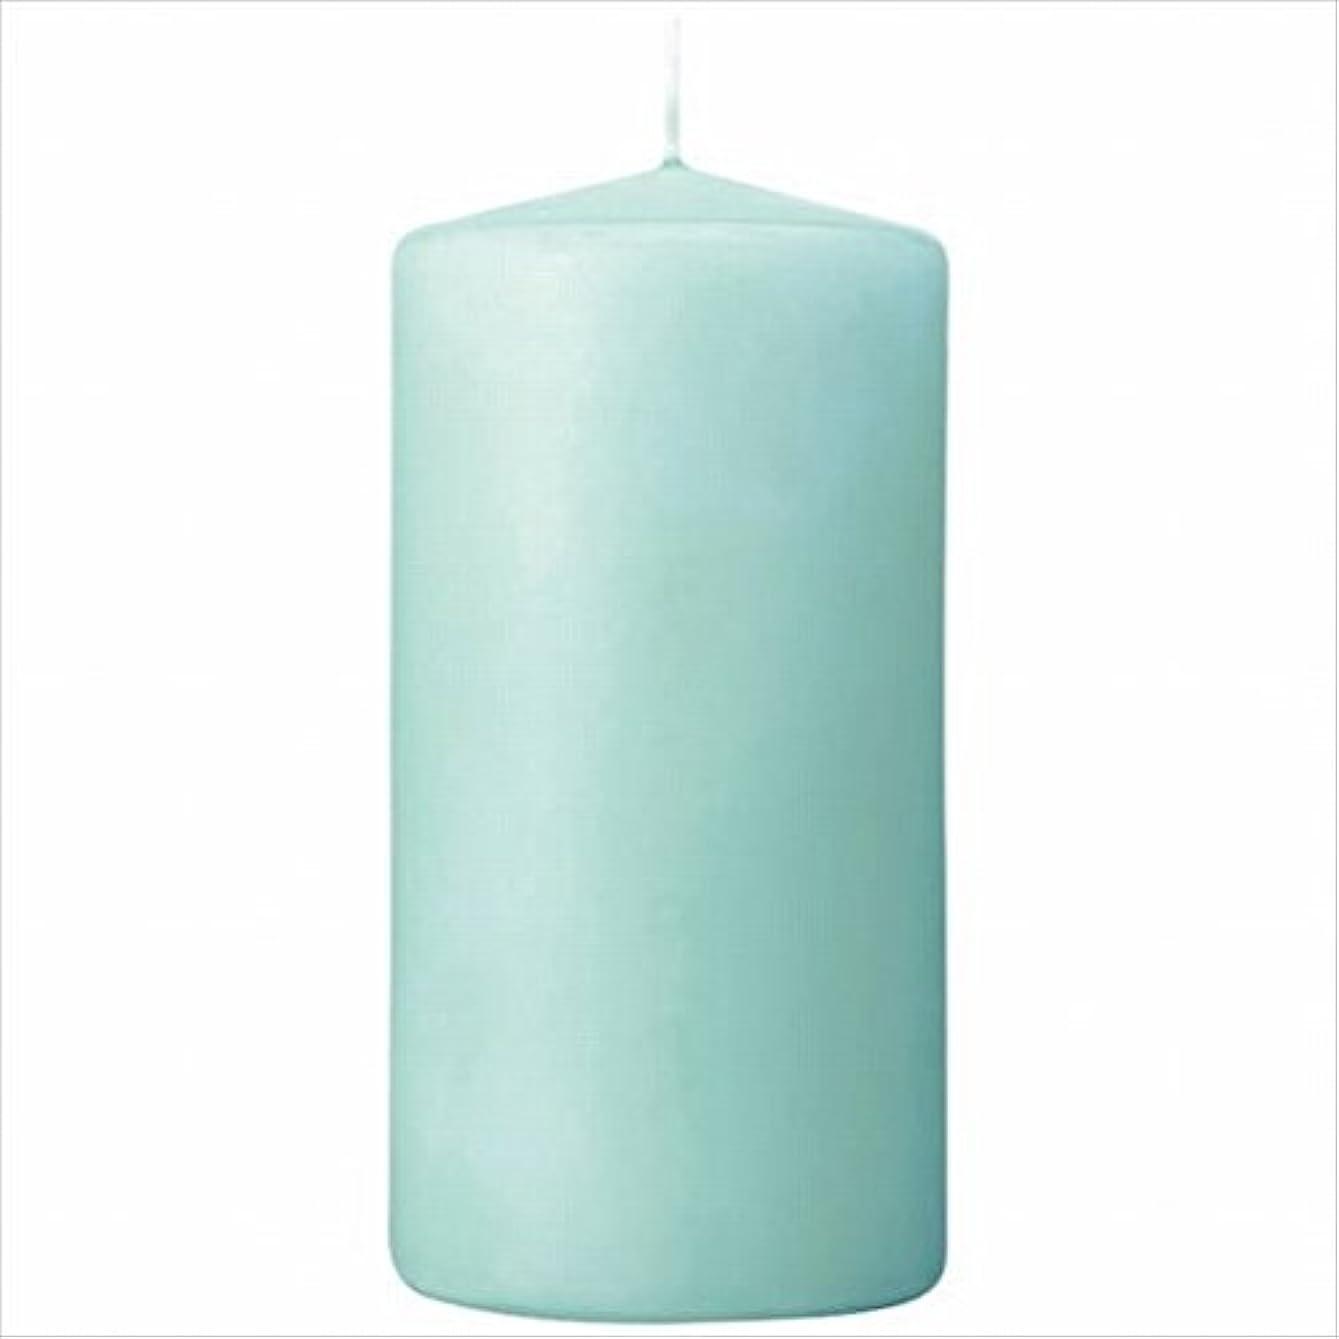 美的認めるワンダーカメヤマキャンドル(kameyama candle) 3×6ベルトップピラーキャンドル 「 ライトブルー 」